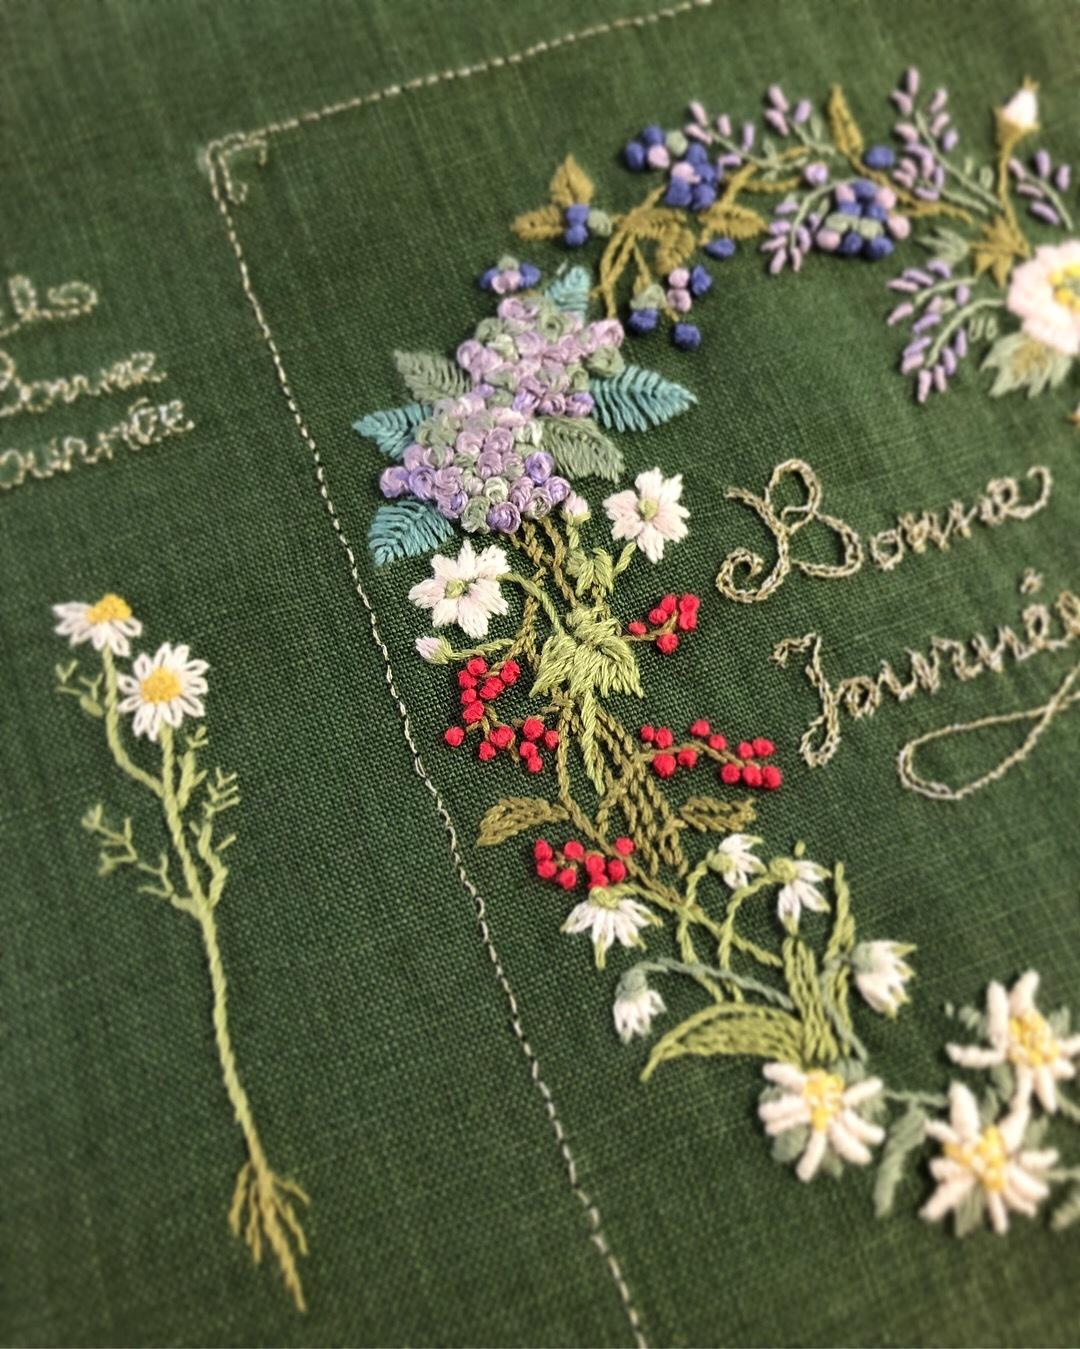 favori11号で表紙にしていただいた 花刺繍のボックスの花リース🌿_a0157409_18095765.jpeg